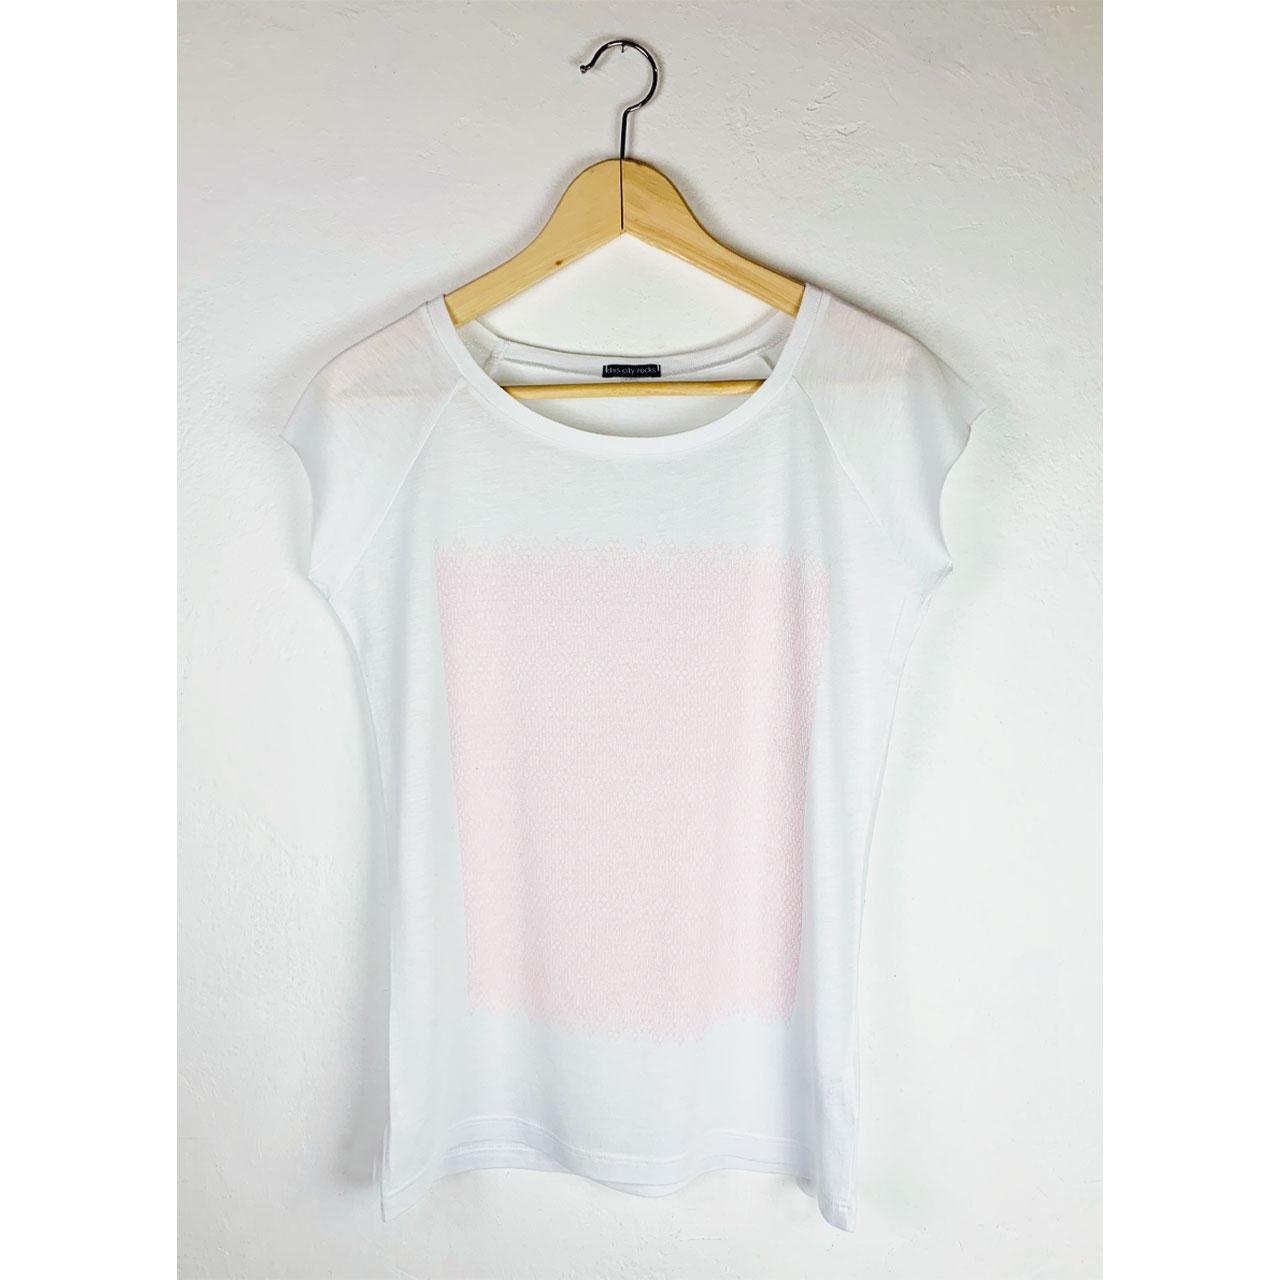 Berlin T-Shirt Fernsehturm fein weiß/rosa